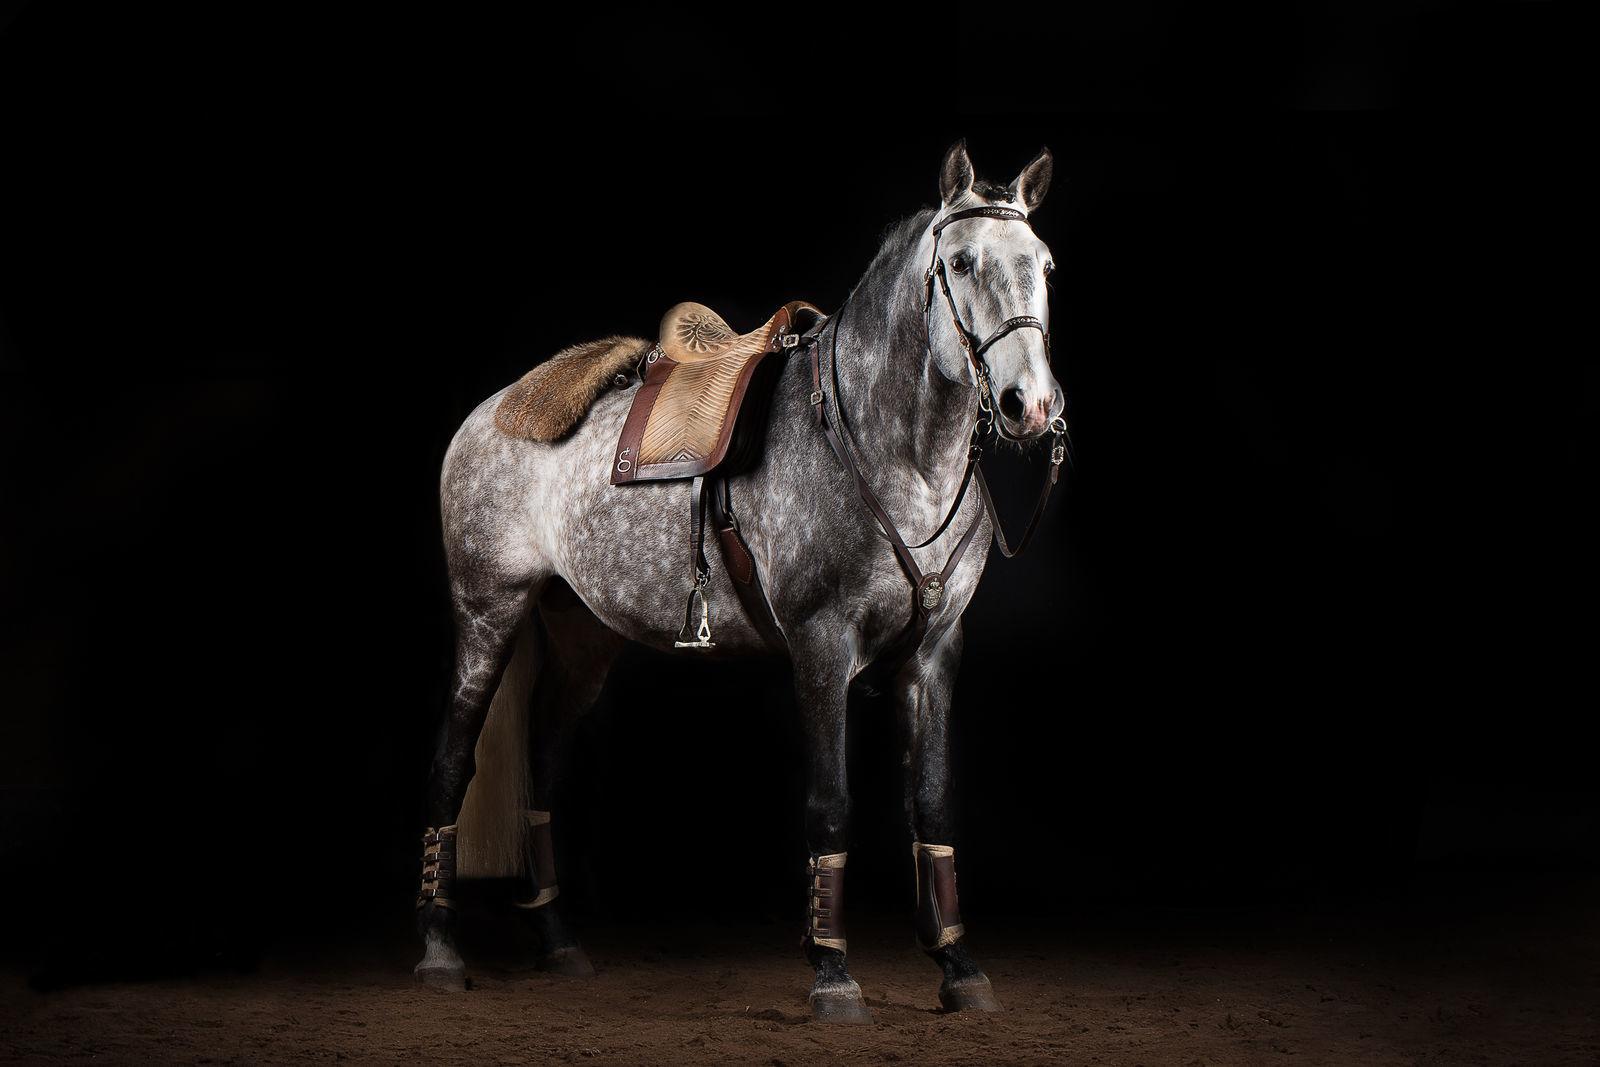 jött lovas egyetlen fő formája)